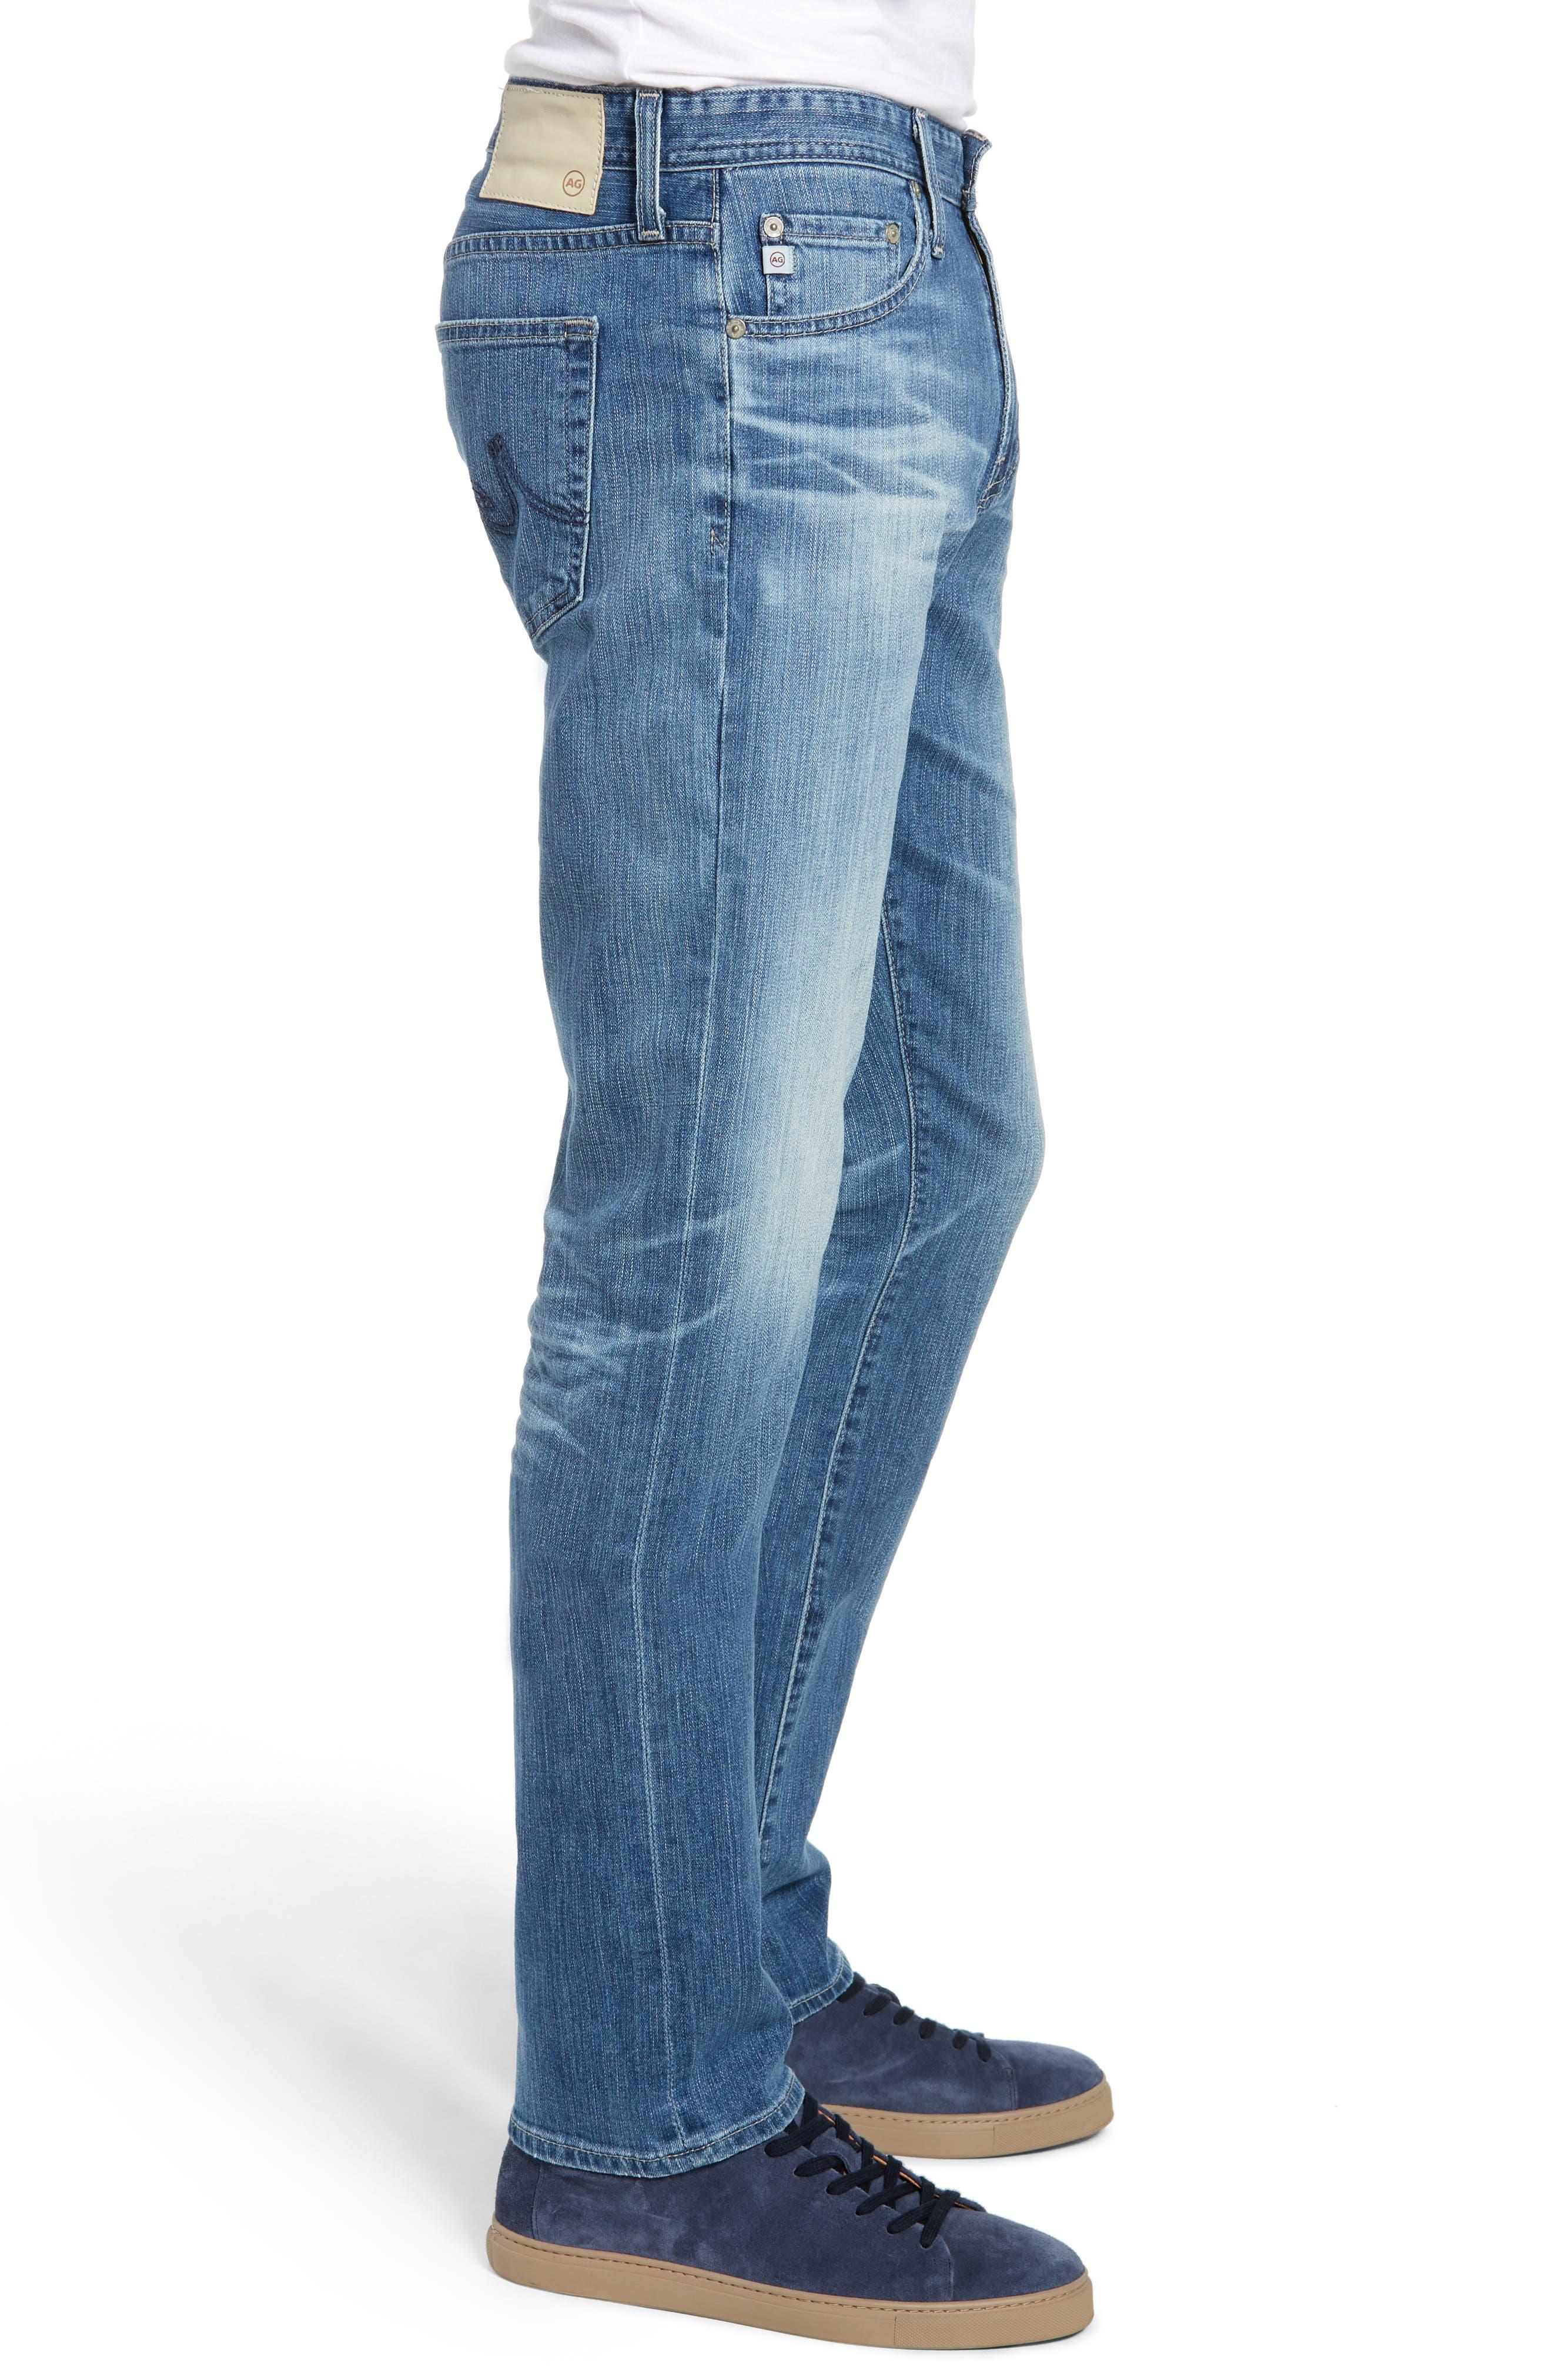 Everett Slim Straight Leg Jeans,                             Alternate thumbnail 3, color,                             14 YEARS ENGAGEMENT